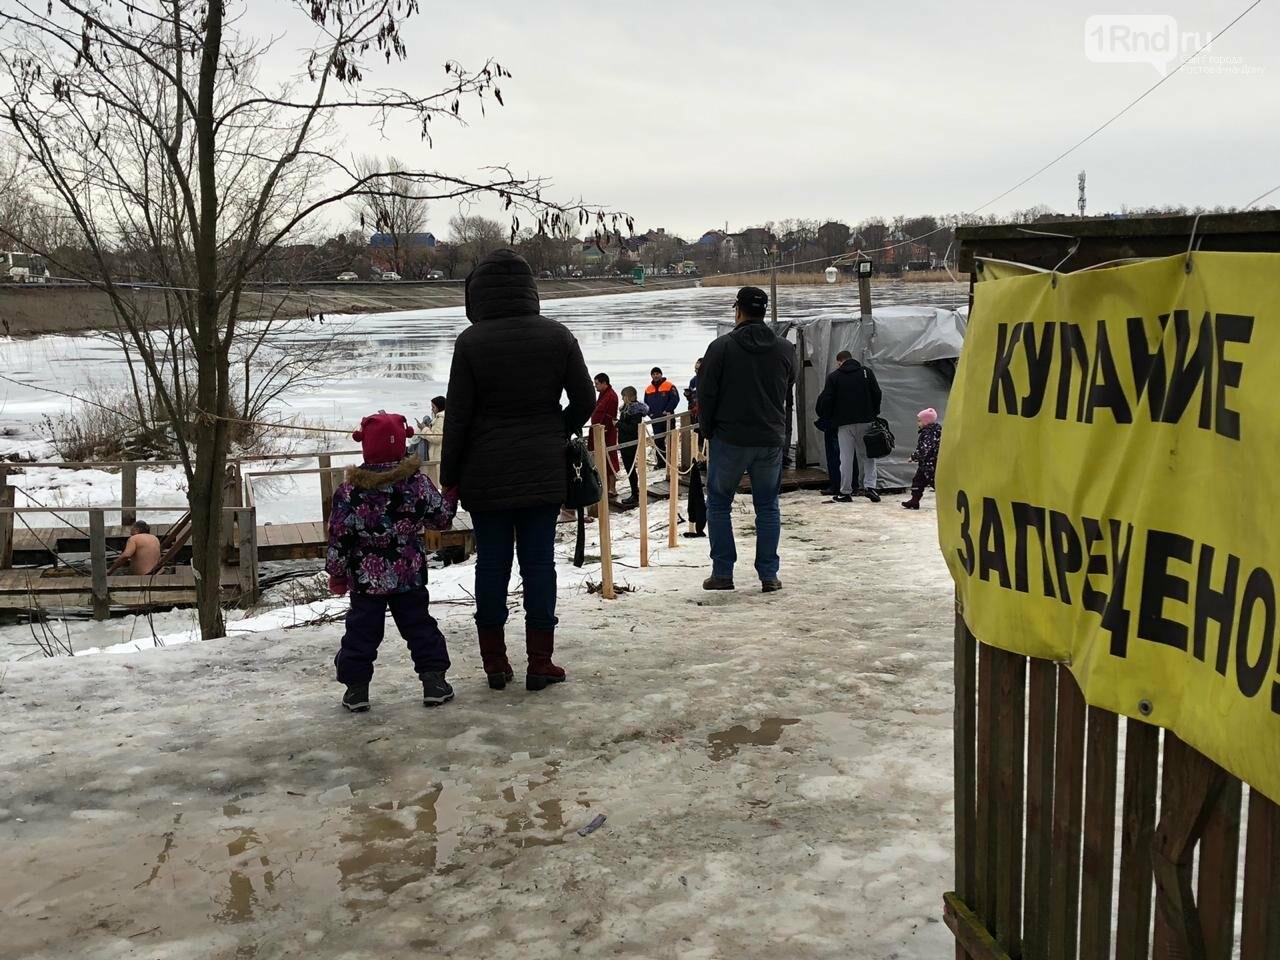 Порядка 130 тысяч человек приняли участие в Крещенских купаниях в Ростовской области, фото-1